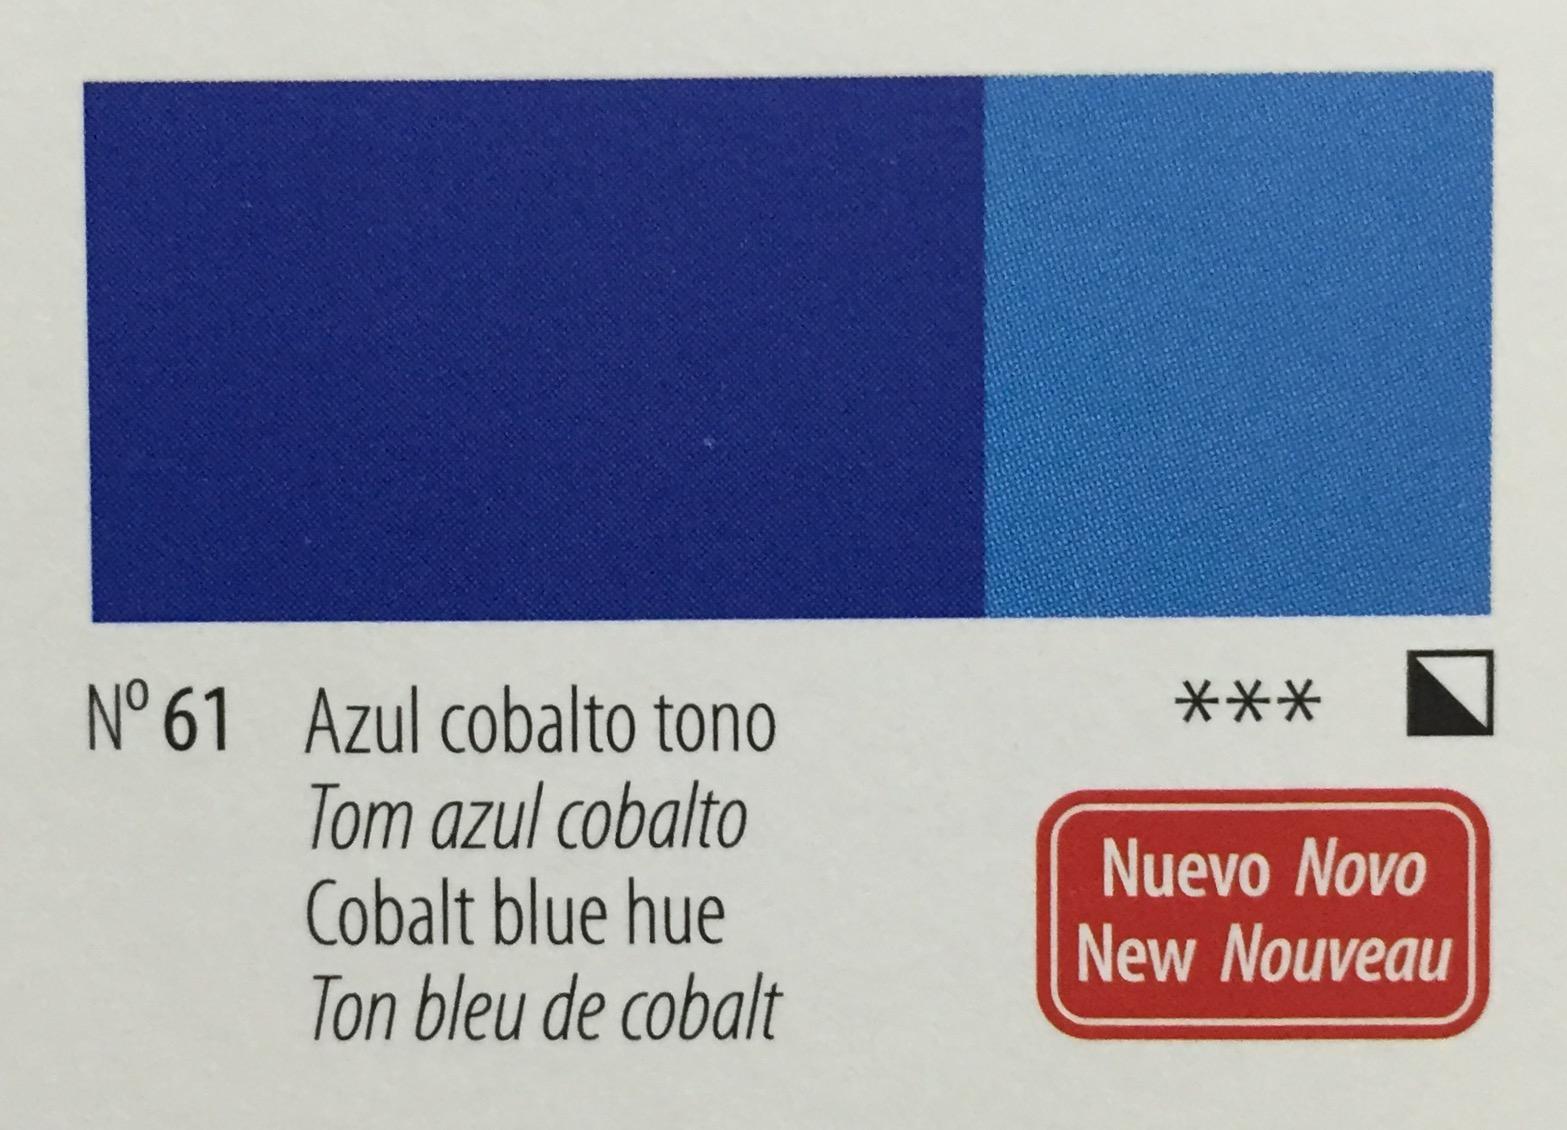 Venta pintura online: Acrílico titan Goya Azul cobalto Tono nº61